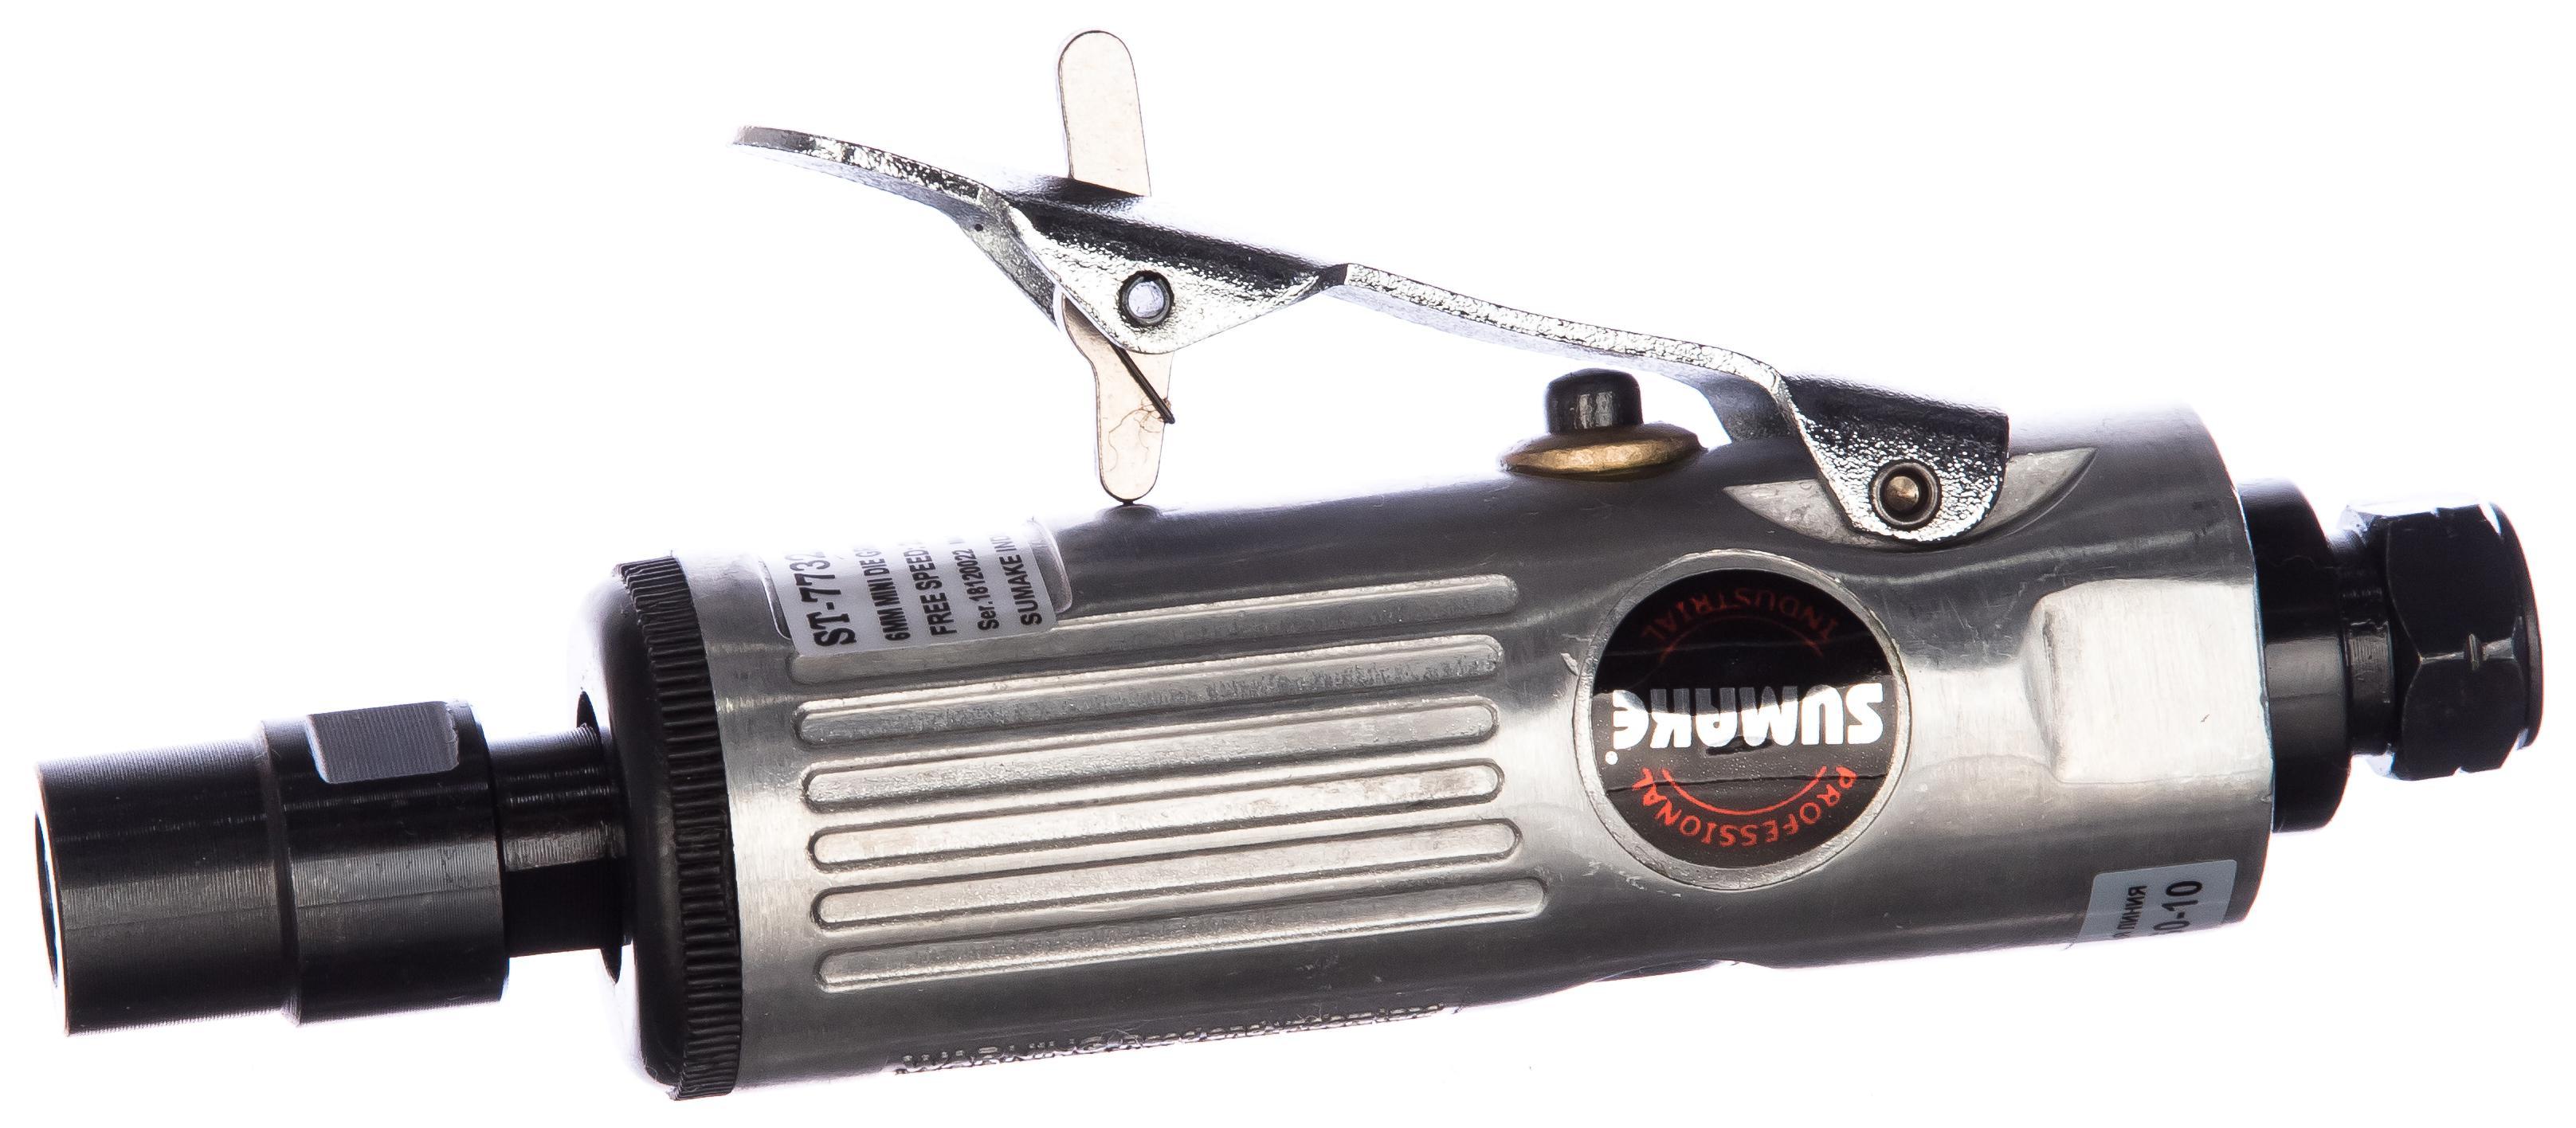 Шлифмашинка прямая пневматическая Sumake St-7732mk пневмошлифовальная машина sumake st 7732 мк 27399